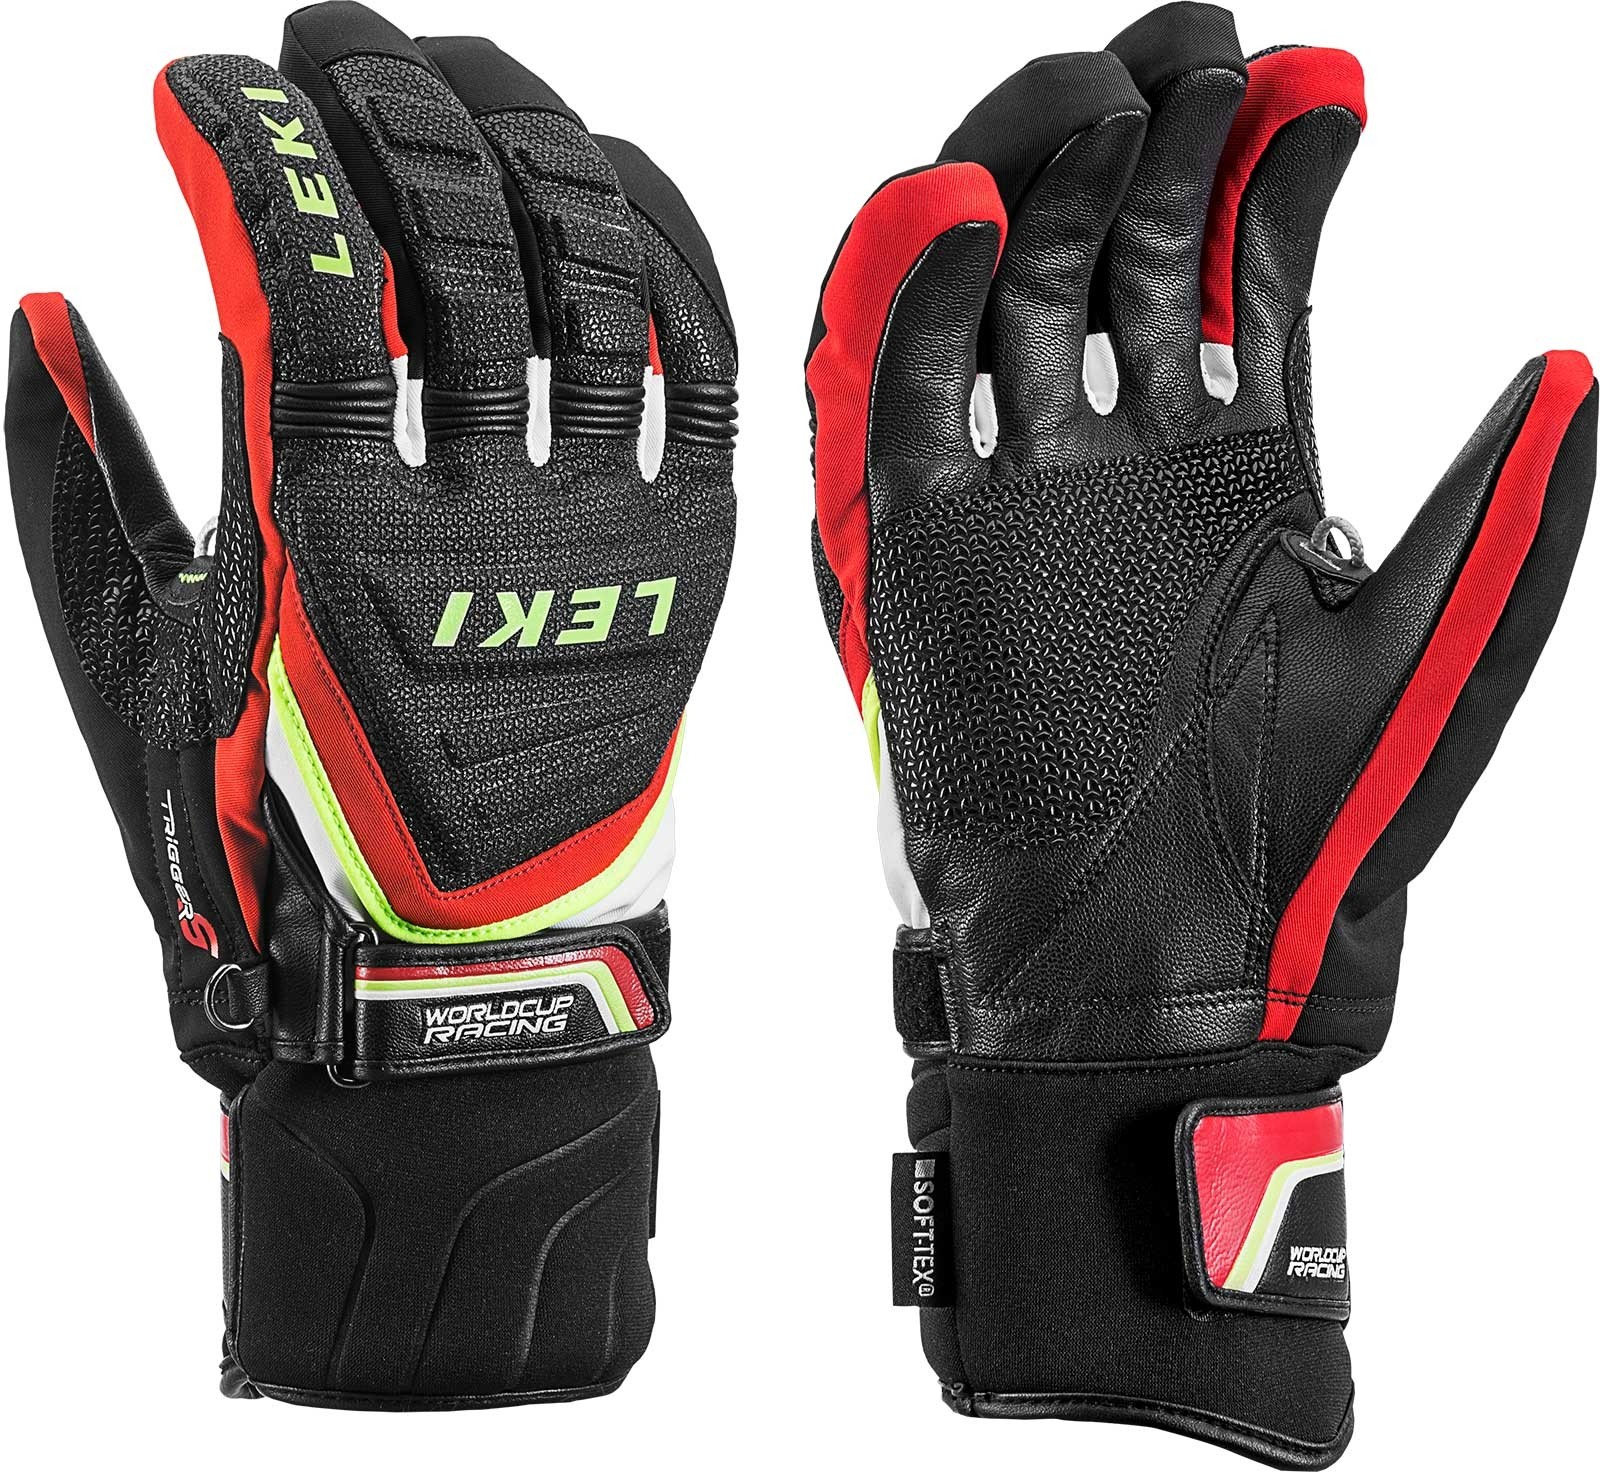 Leki Race Coach C-tech S ski gloves, 2018